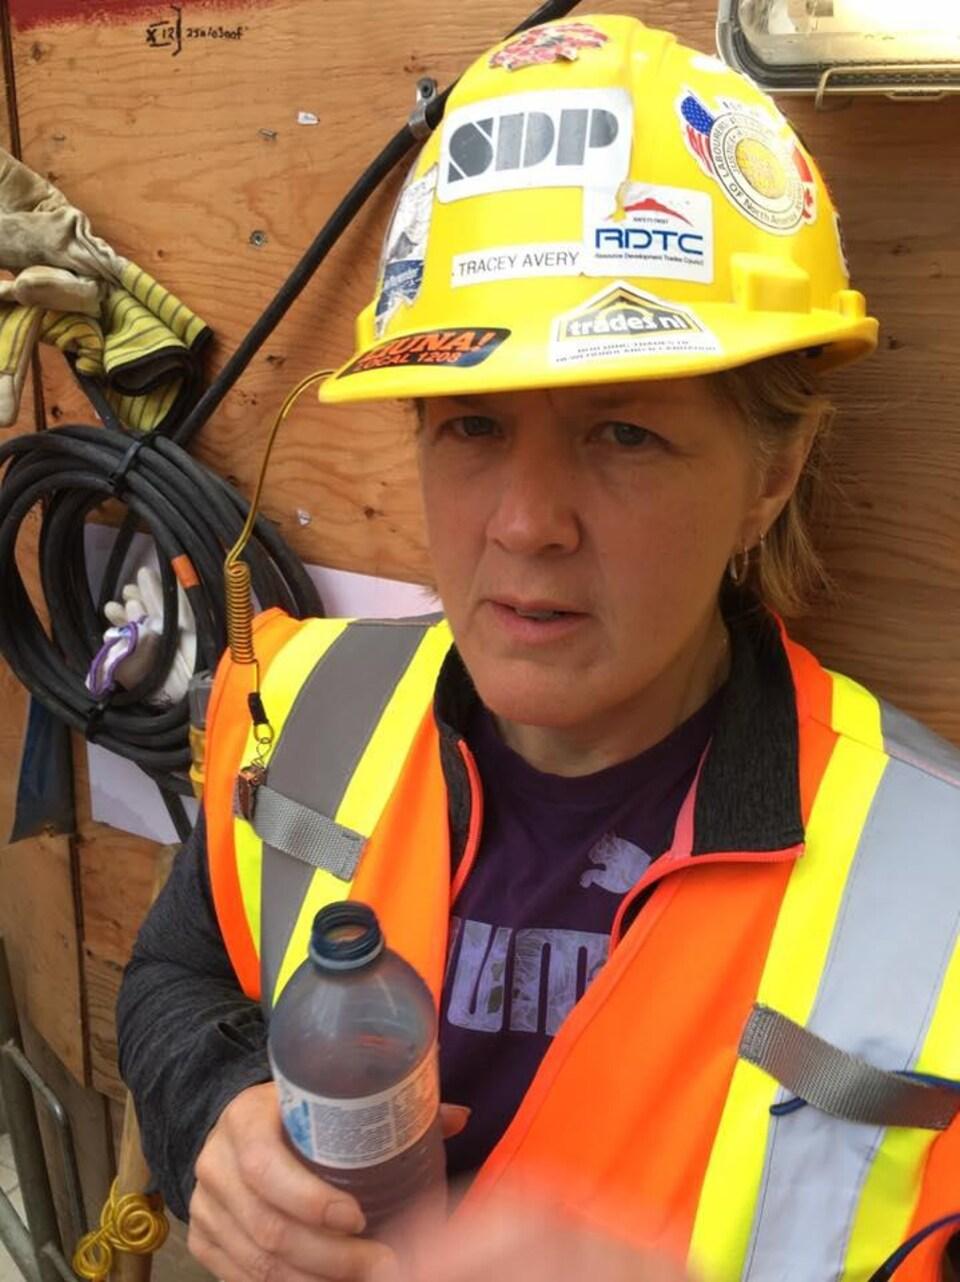 Une femme vêtue d'une veste orange et coiffée d'un casque de construction.